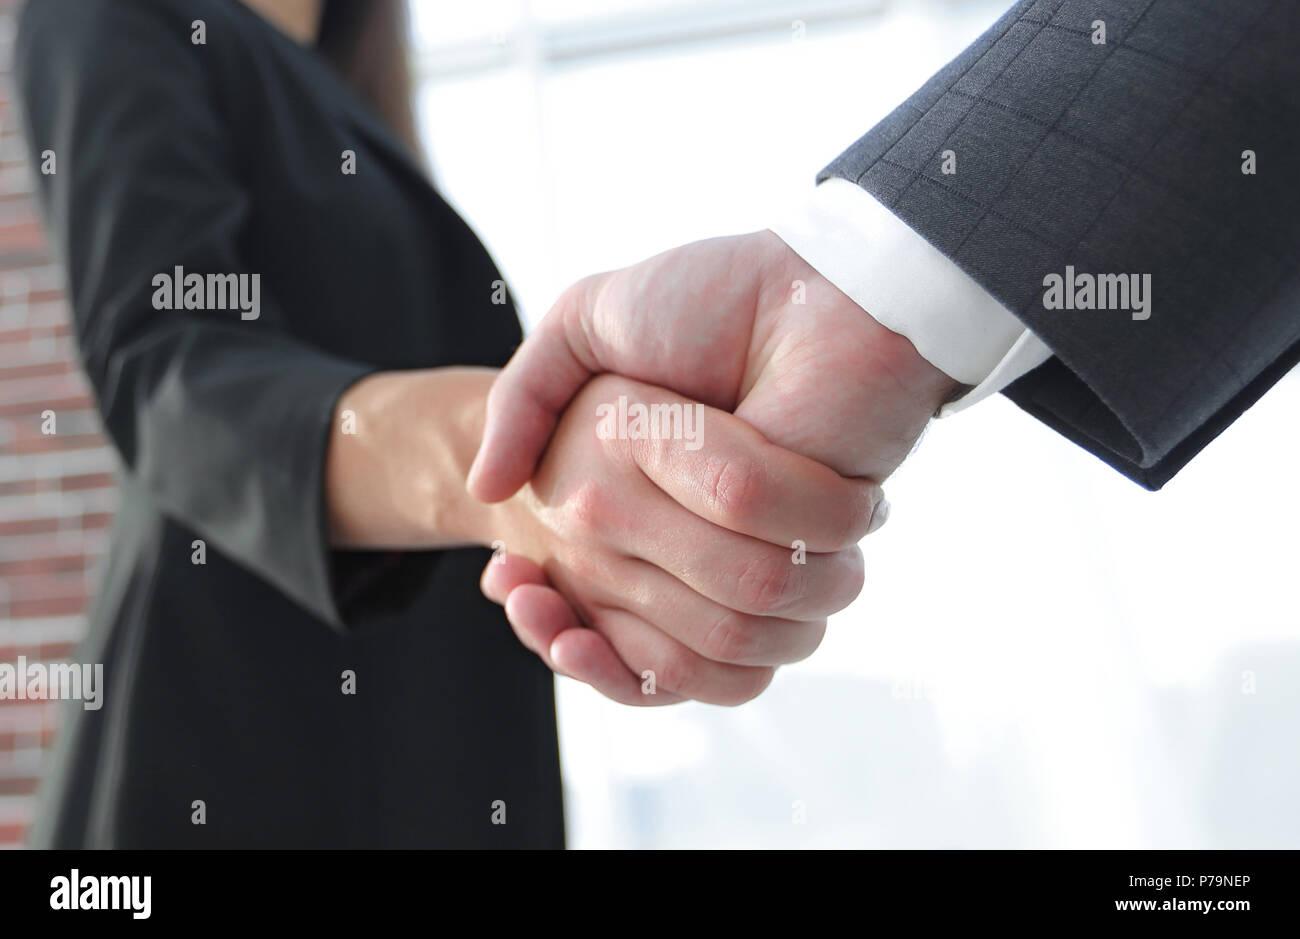 Nahaufnahme von Unternehmer und Unternehmerin, die Hände schütteln Stockbild